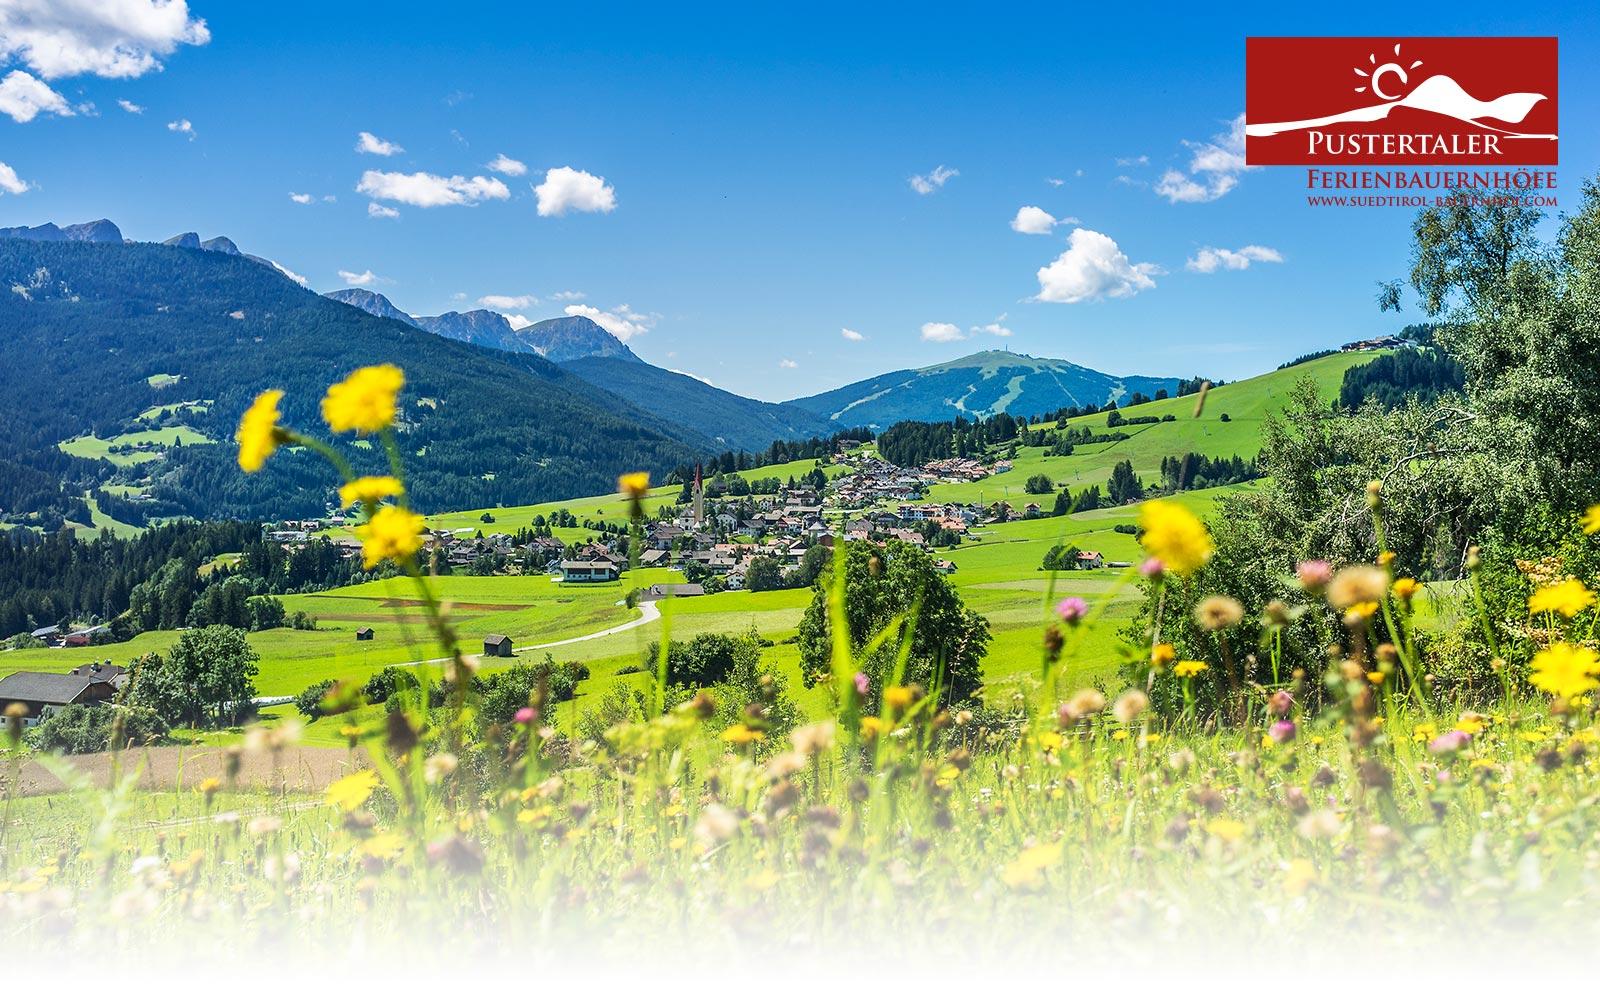 Urlaub auf dem Bauernhof in Südtirol